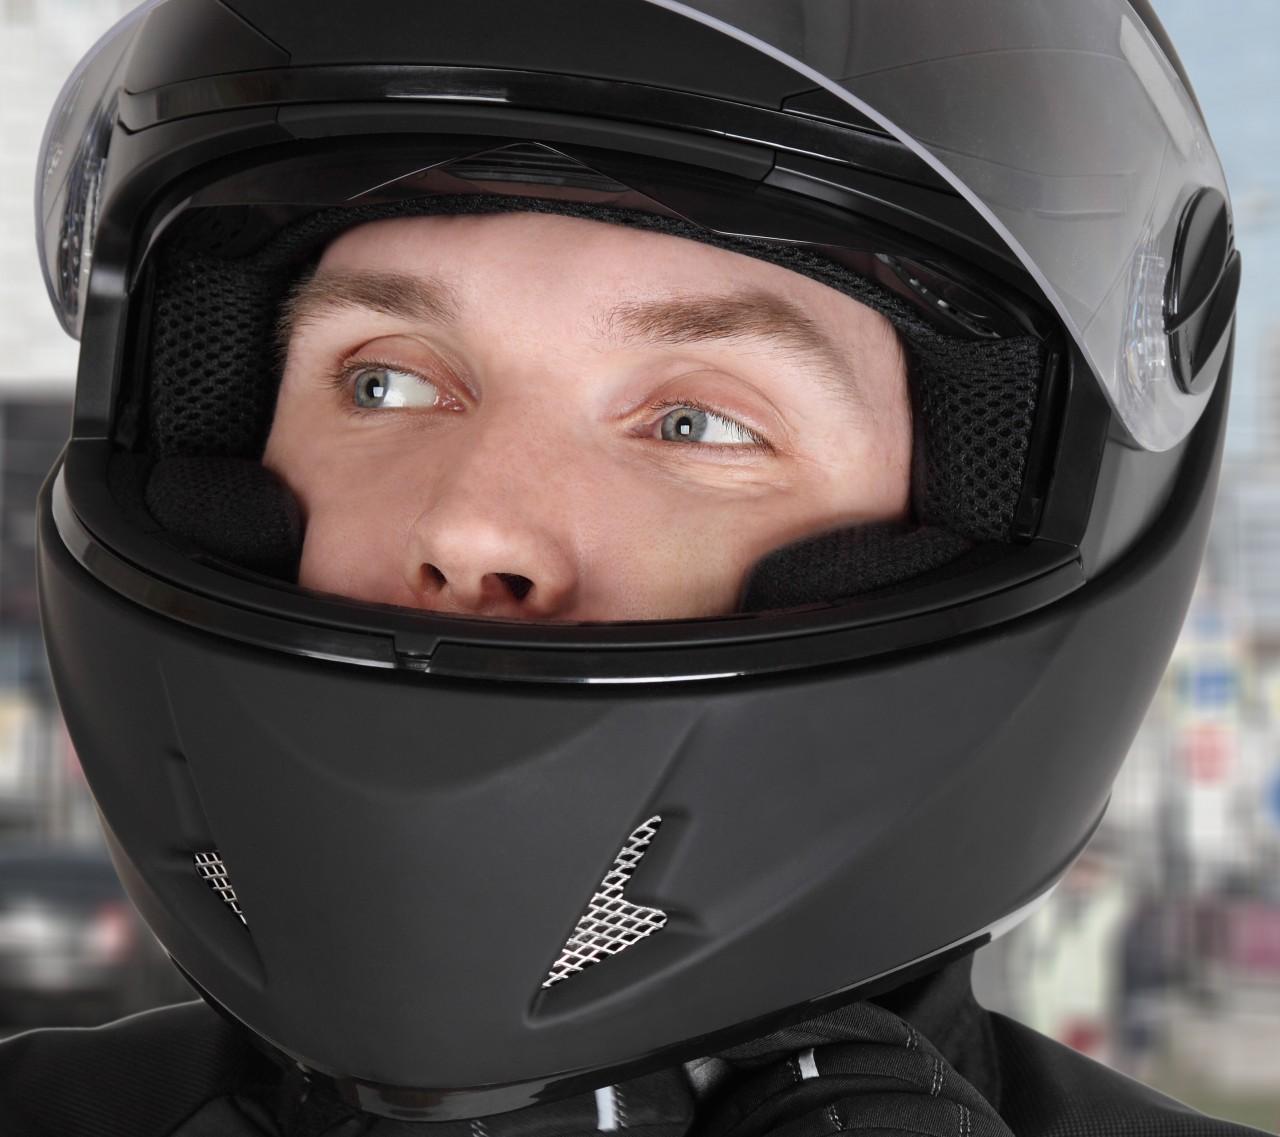 man-wearing-helmet